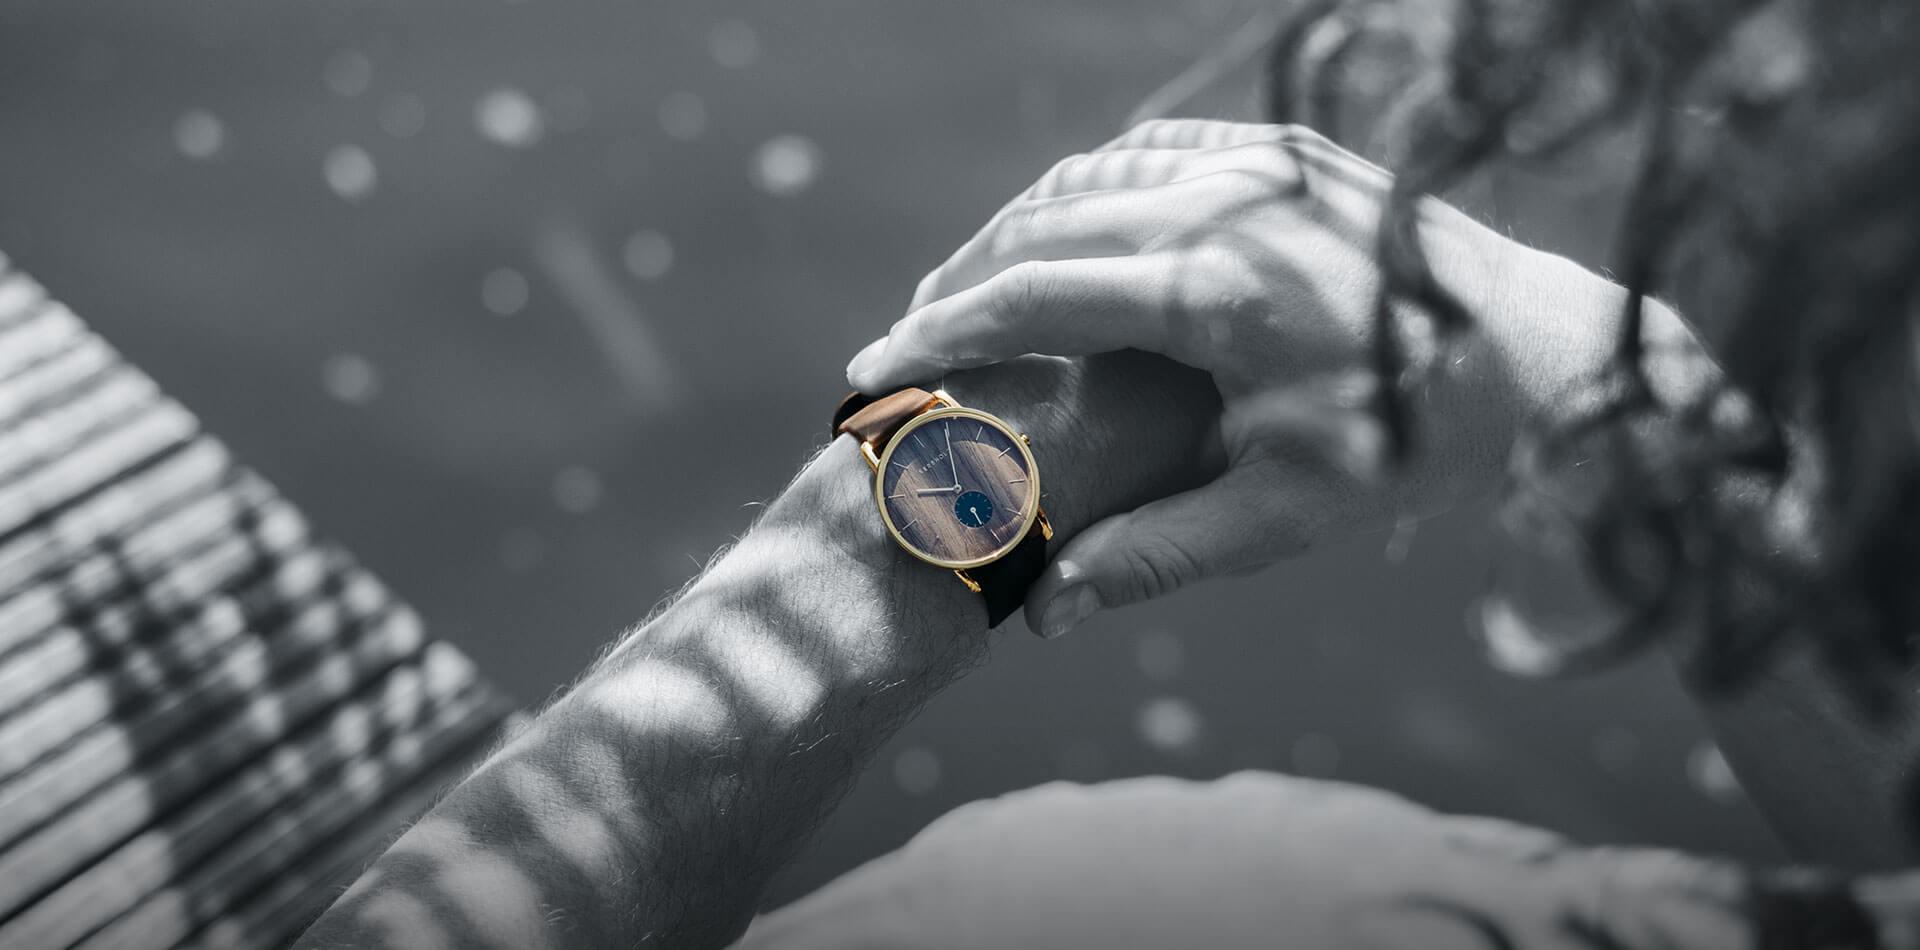 Schneider Schmuck - Agentur, Distribution & Großhandel für Uhren & Schmuck in Österreich